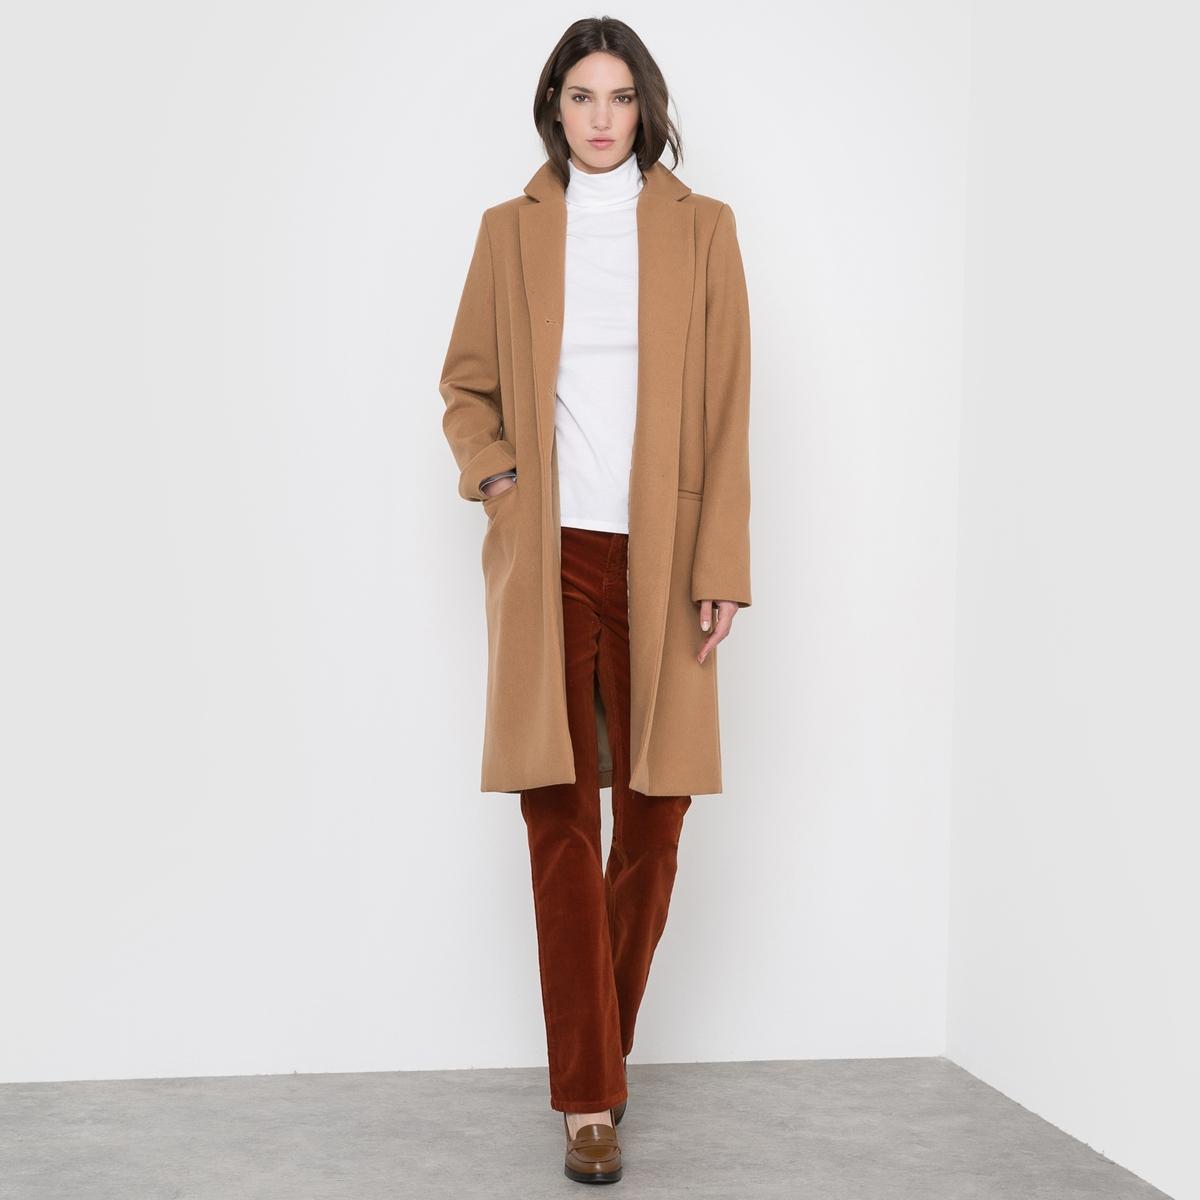 Пальто длинное, 60% шерсти пальто 60% шерсти